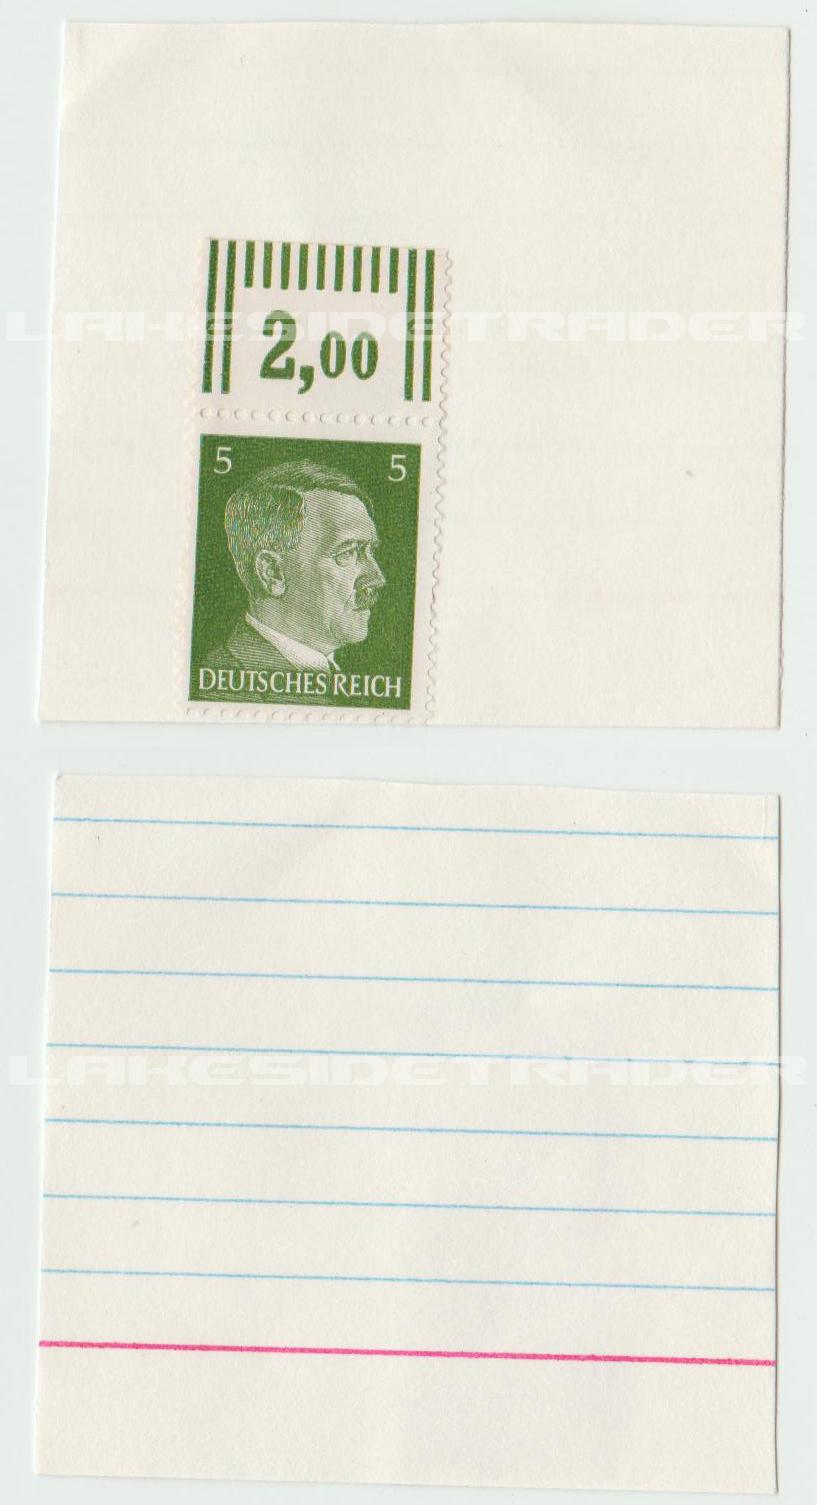 5 Pfenning Deutsches Reich Stamp